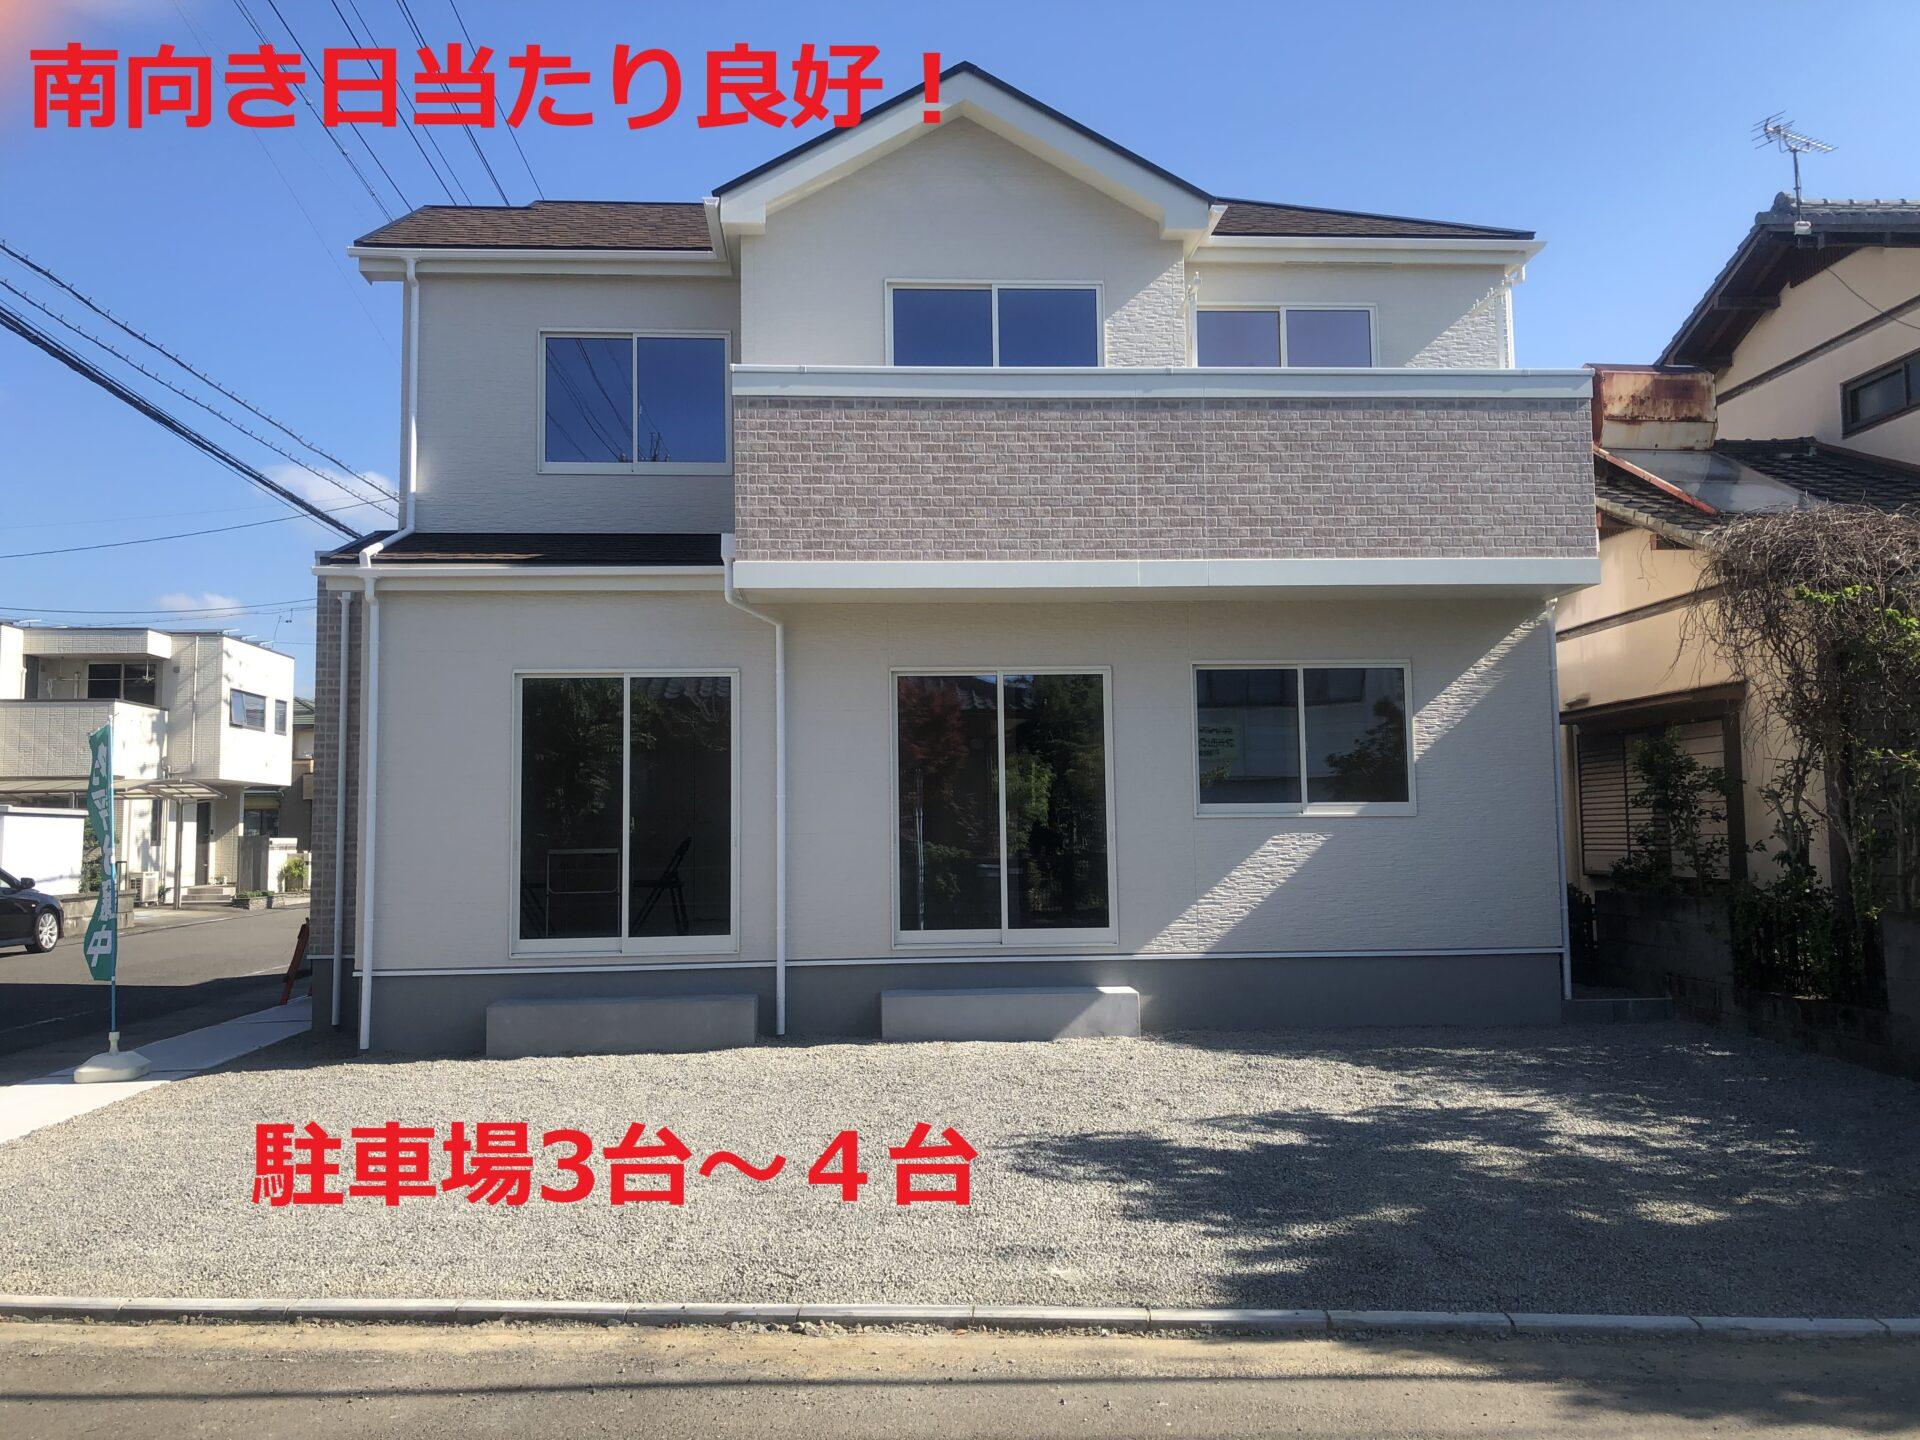 焼津市三ケ名 新築住宅 駐車場4台 全1棟